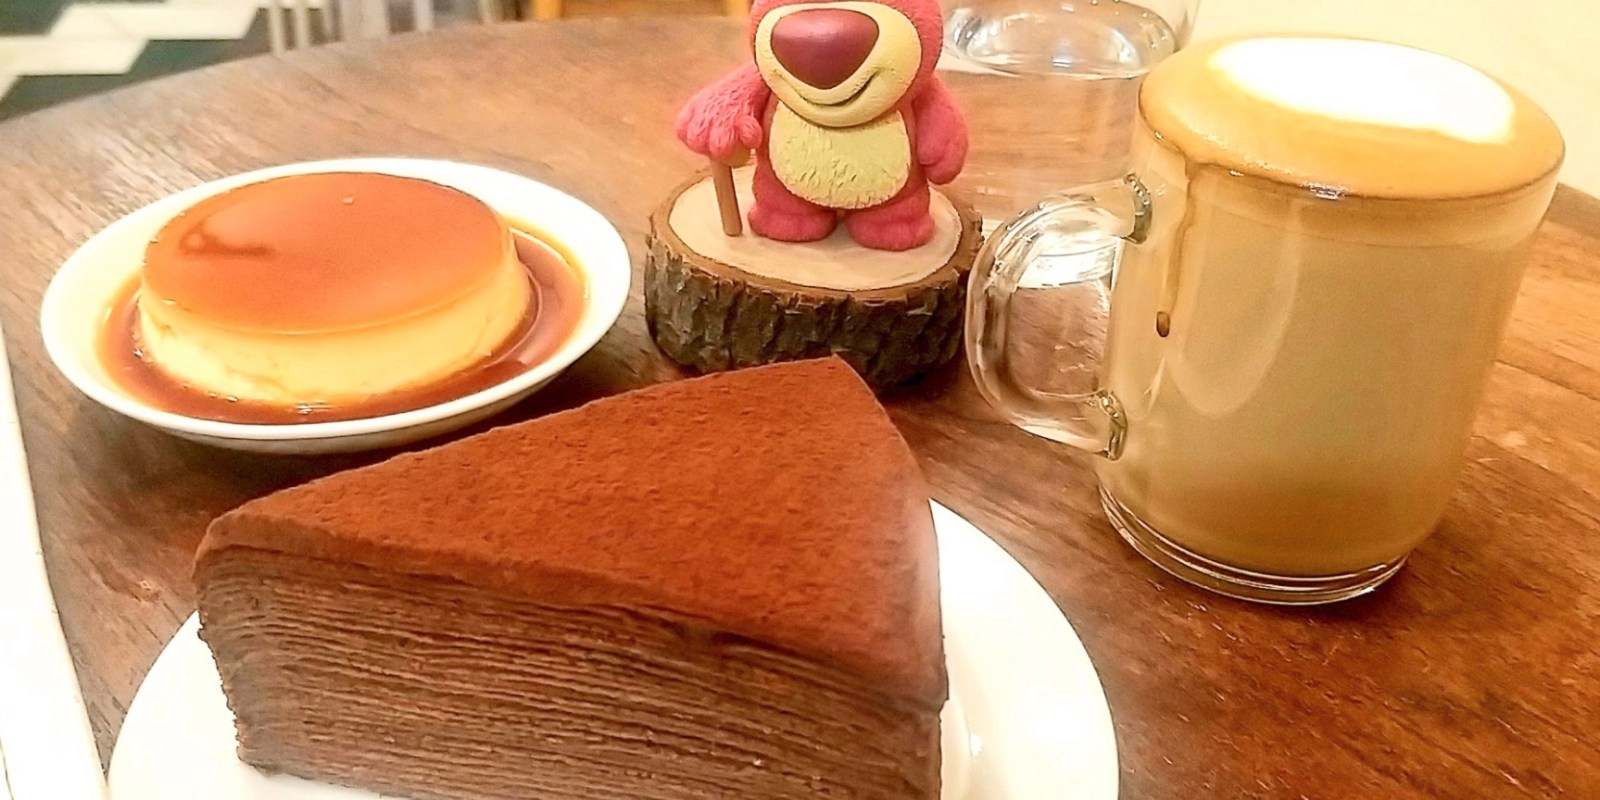 台南千層蛋糕主題咖啡店,營業到晚上八點的「鐵工咖啡館」藏身裕豐街!